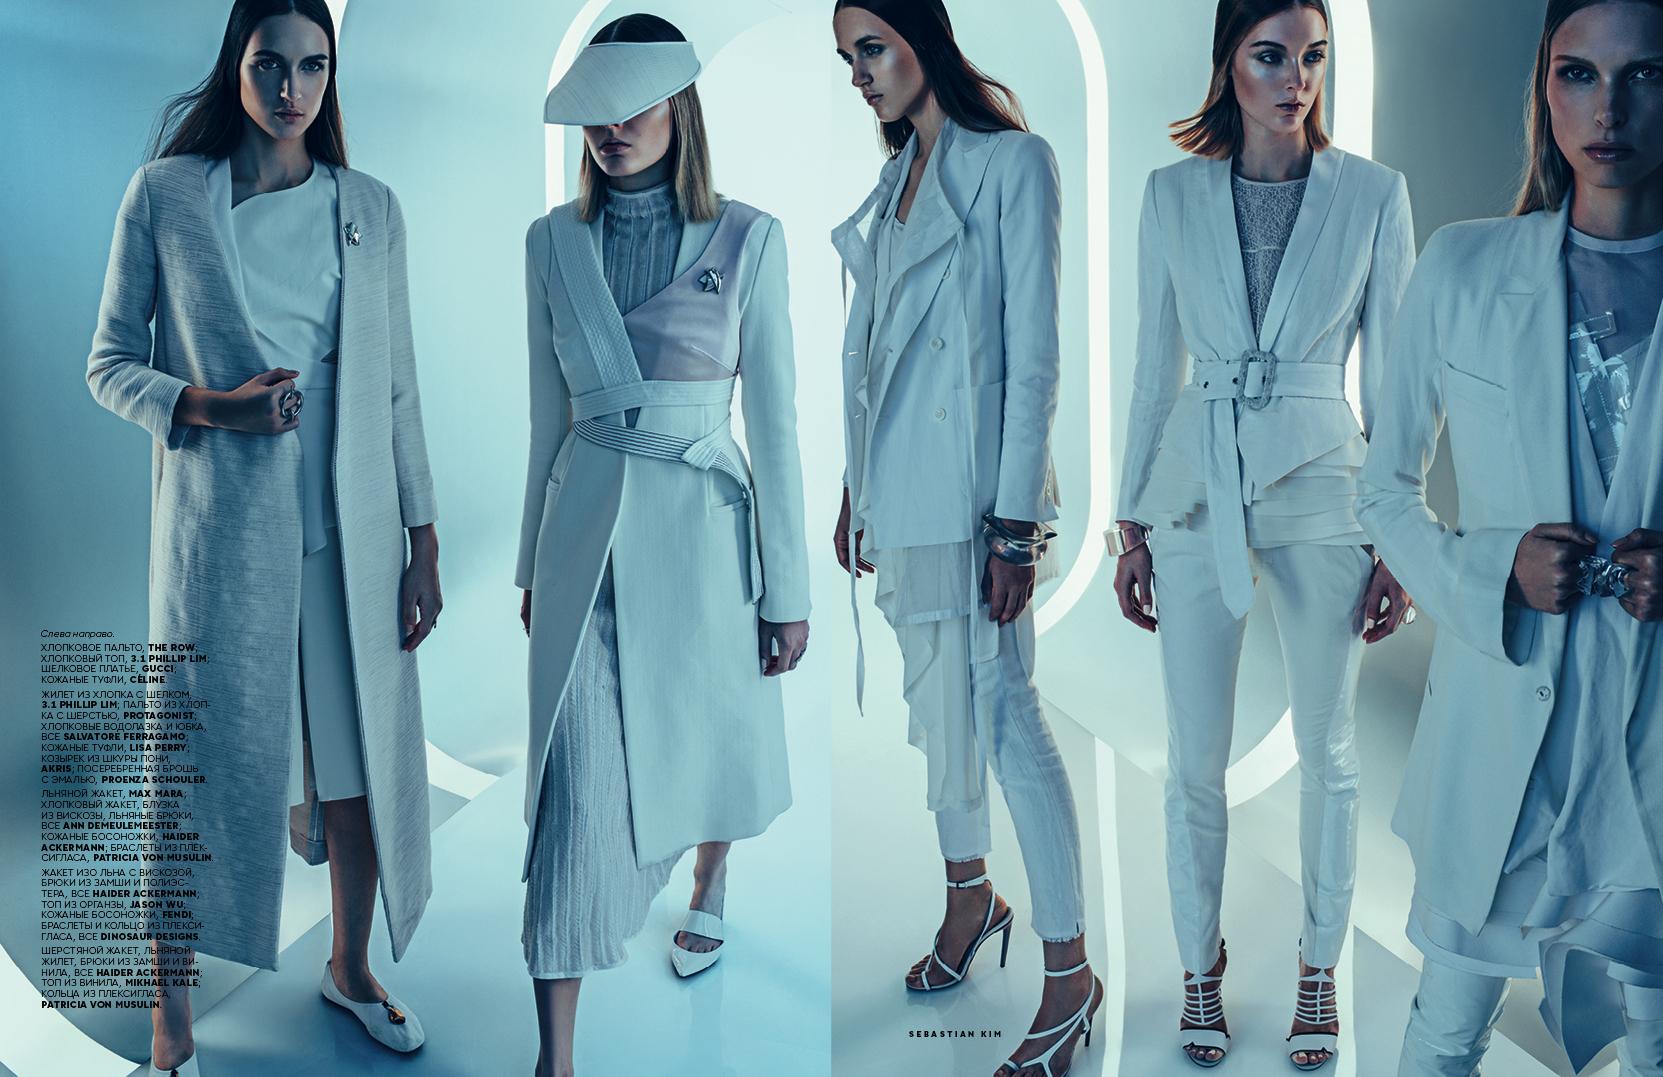 WELL_Fashion Kim_#8.jpeg